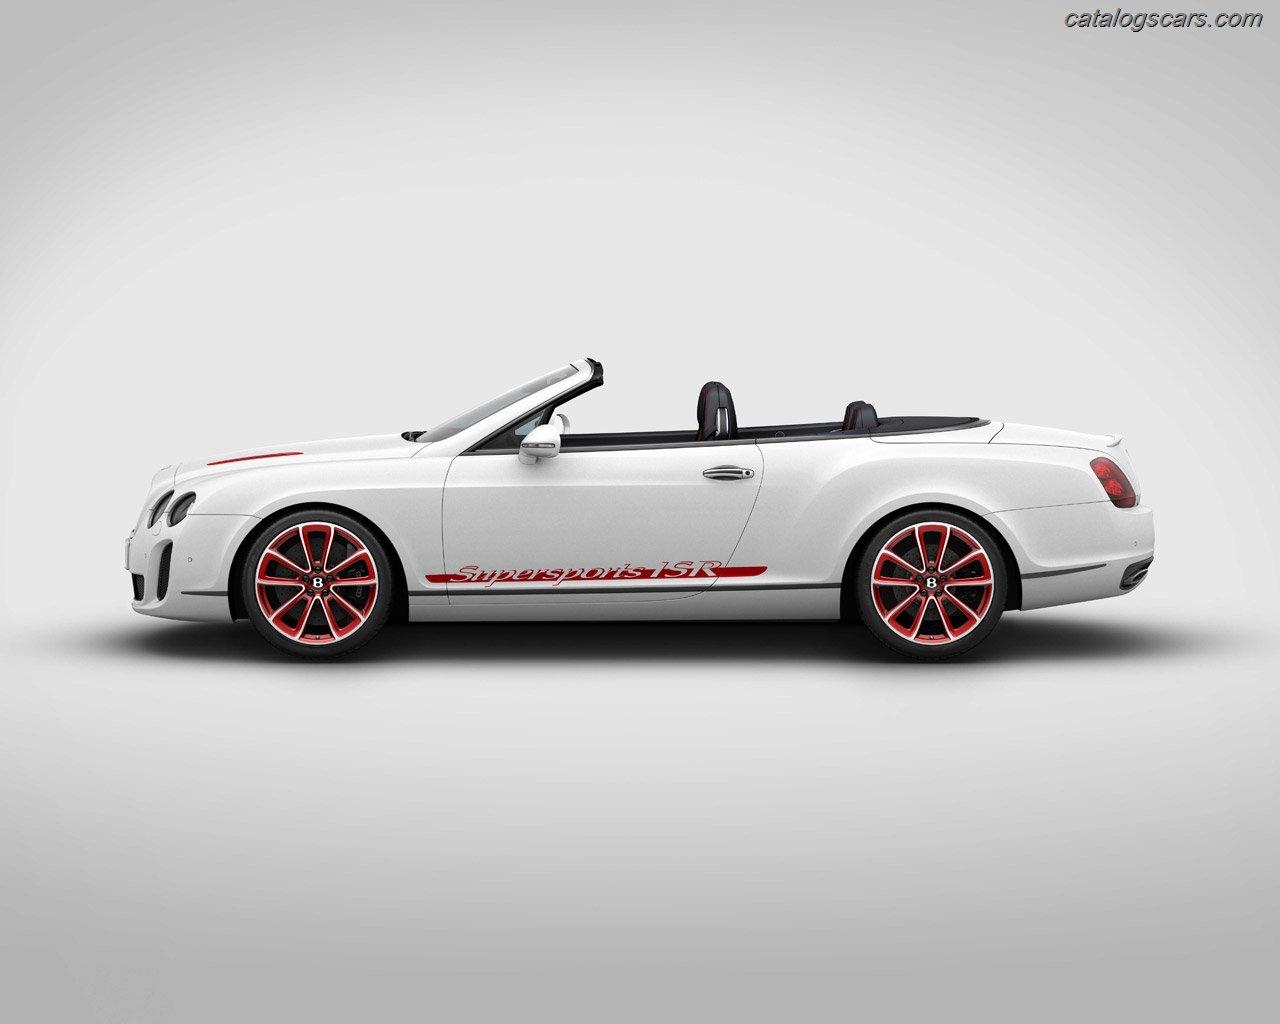 صور سيارة بنتلى كونتيننتال سوبر سبورتس كونفيرتابل 2014 - اجمل خلفيات صور عربية بنتلى - Bentley Continental SuperSports Convertible Photos Bentley-Continental-SuperSports-Convertible-2011-03.jpg